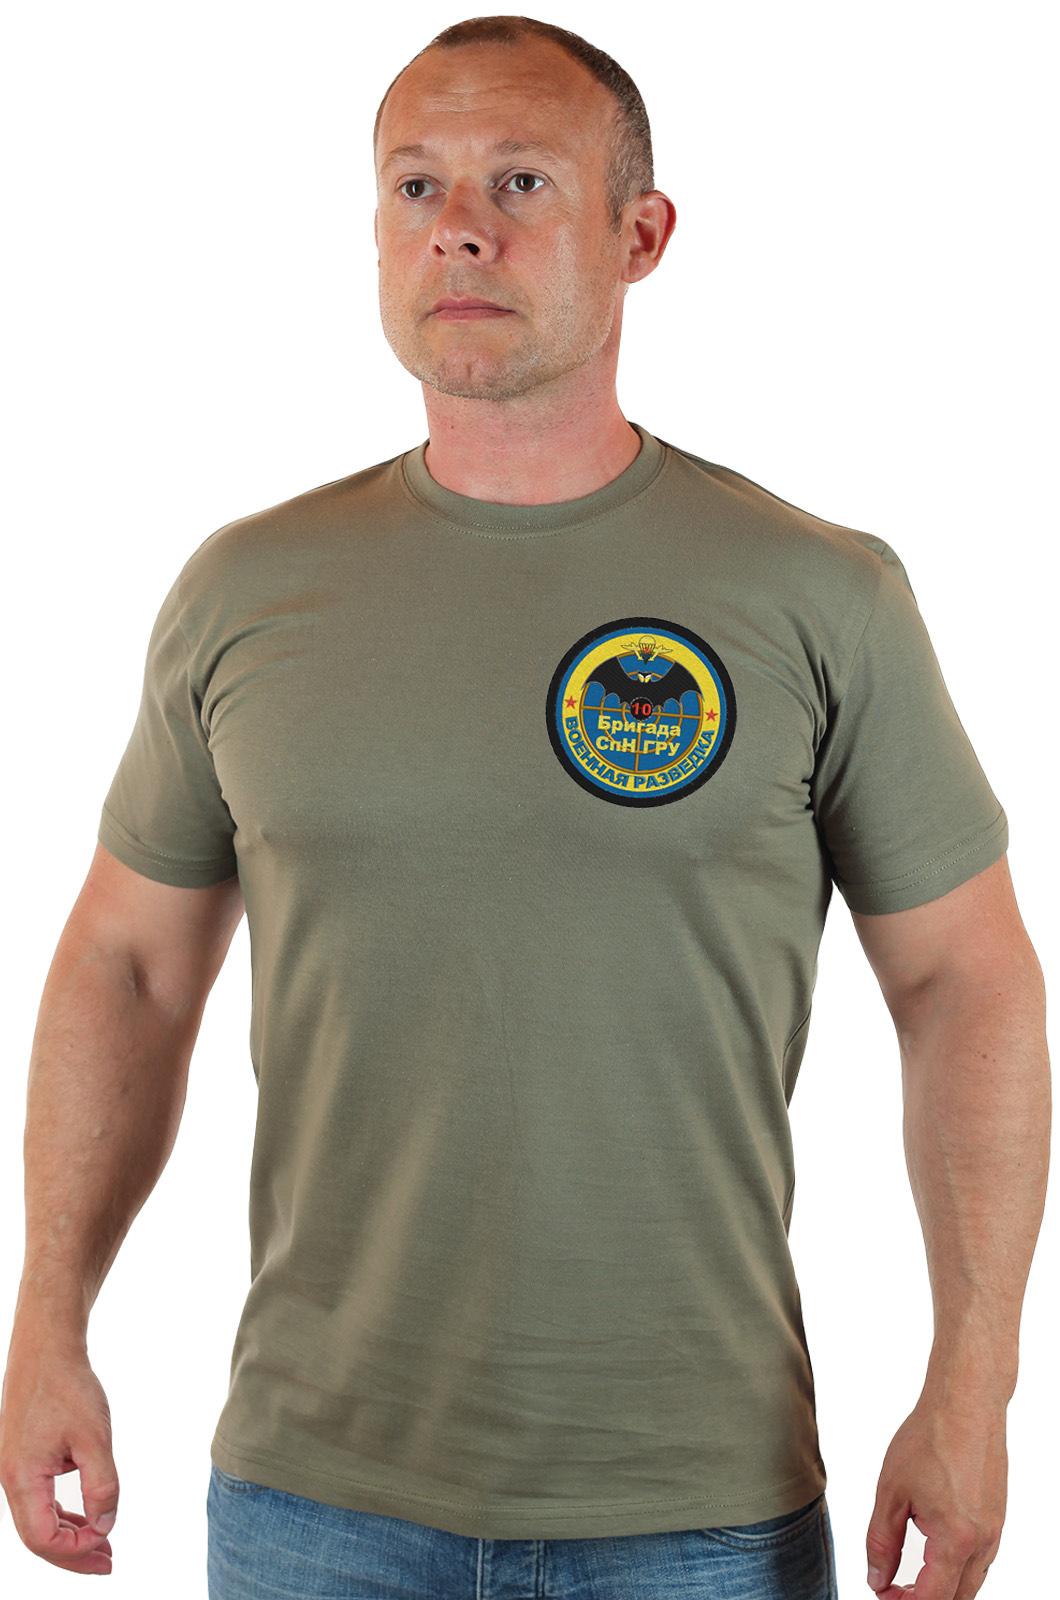 Купить в военторге Военпро мужскую милитари футболку 10 бригады Спецназа ГРУ